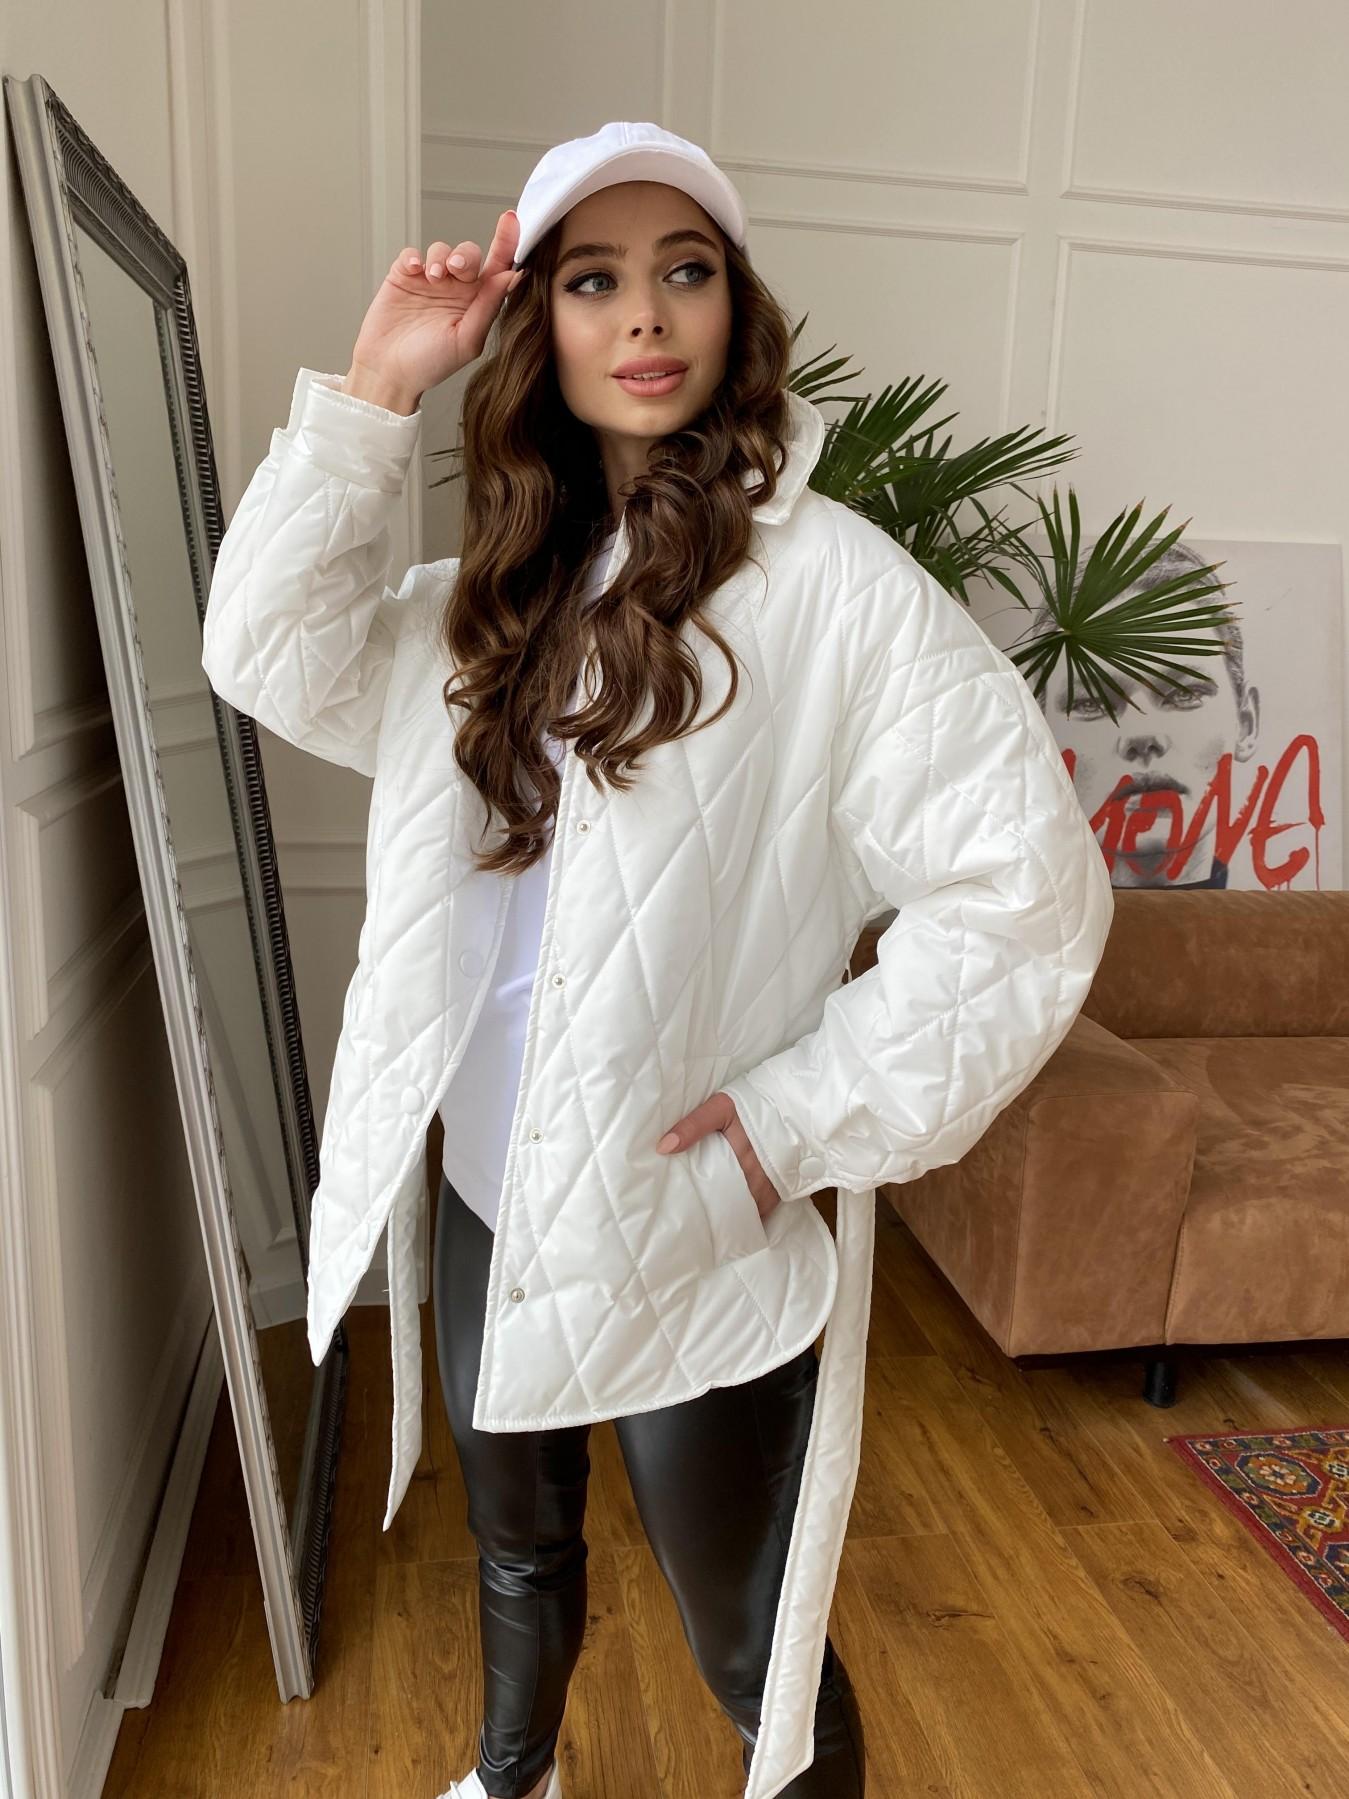 Моно куртка из плащевой ткани Ammy 10972 АРТ. 47667 Цвет: Молоко 12 - фото 7, интернет магазин tm-modus.ru